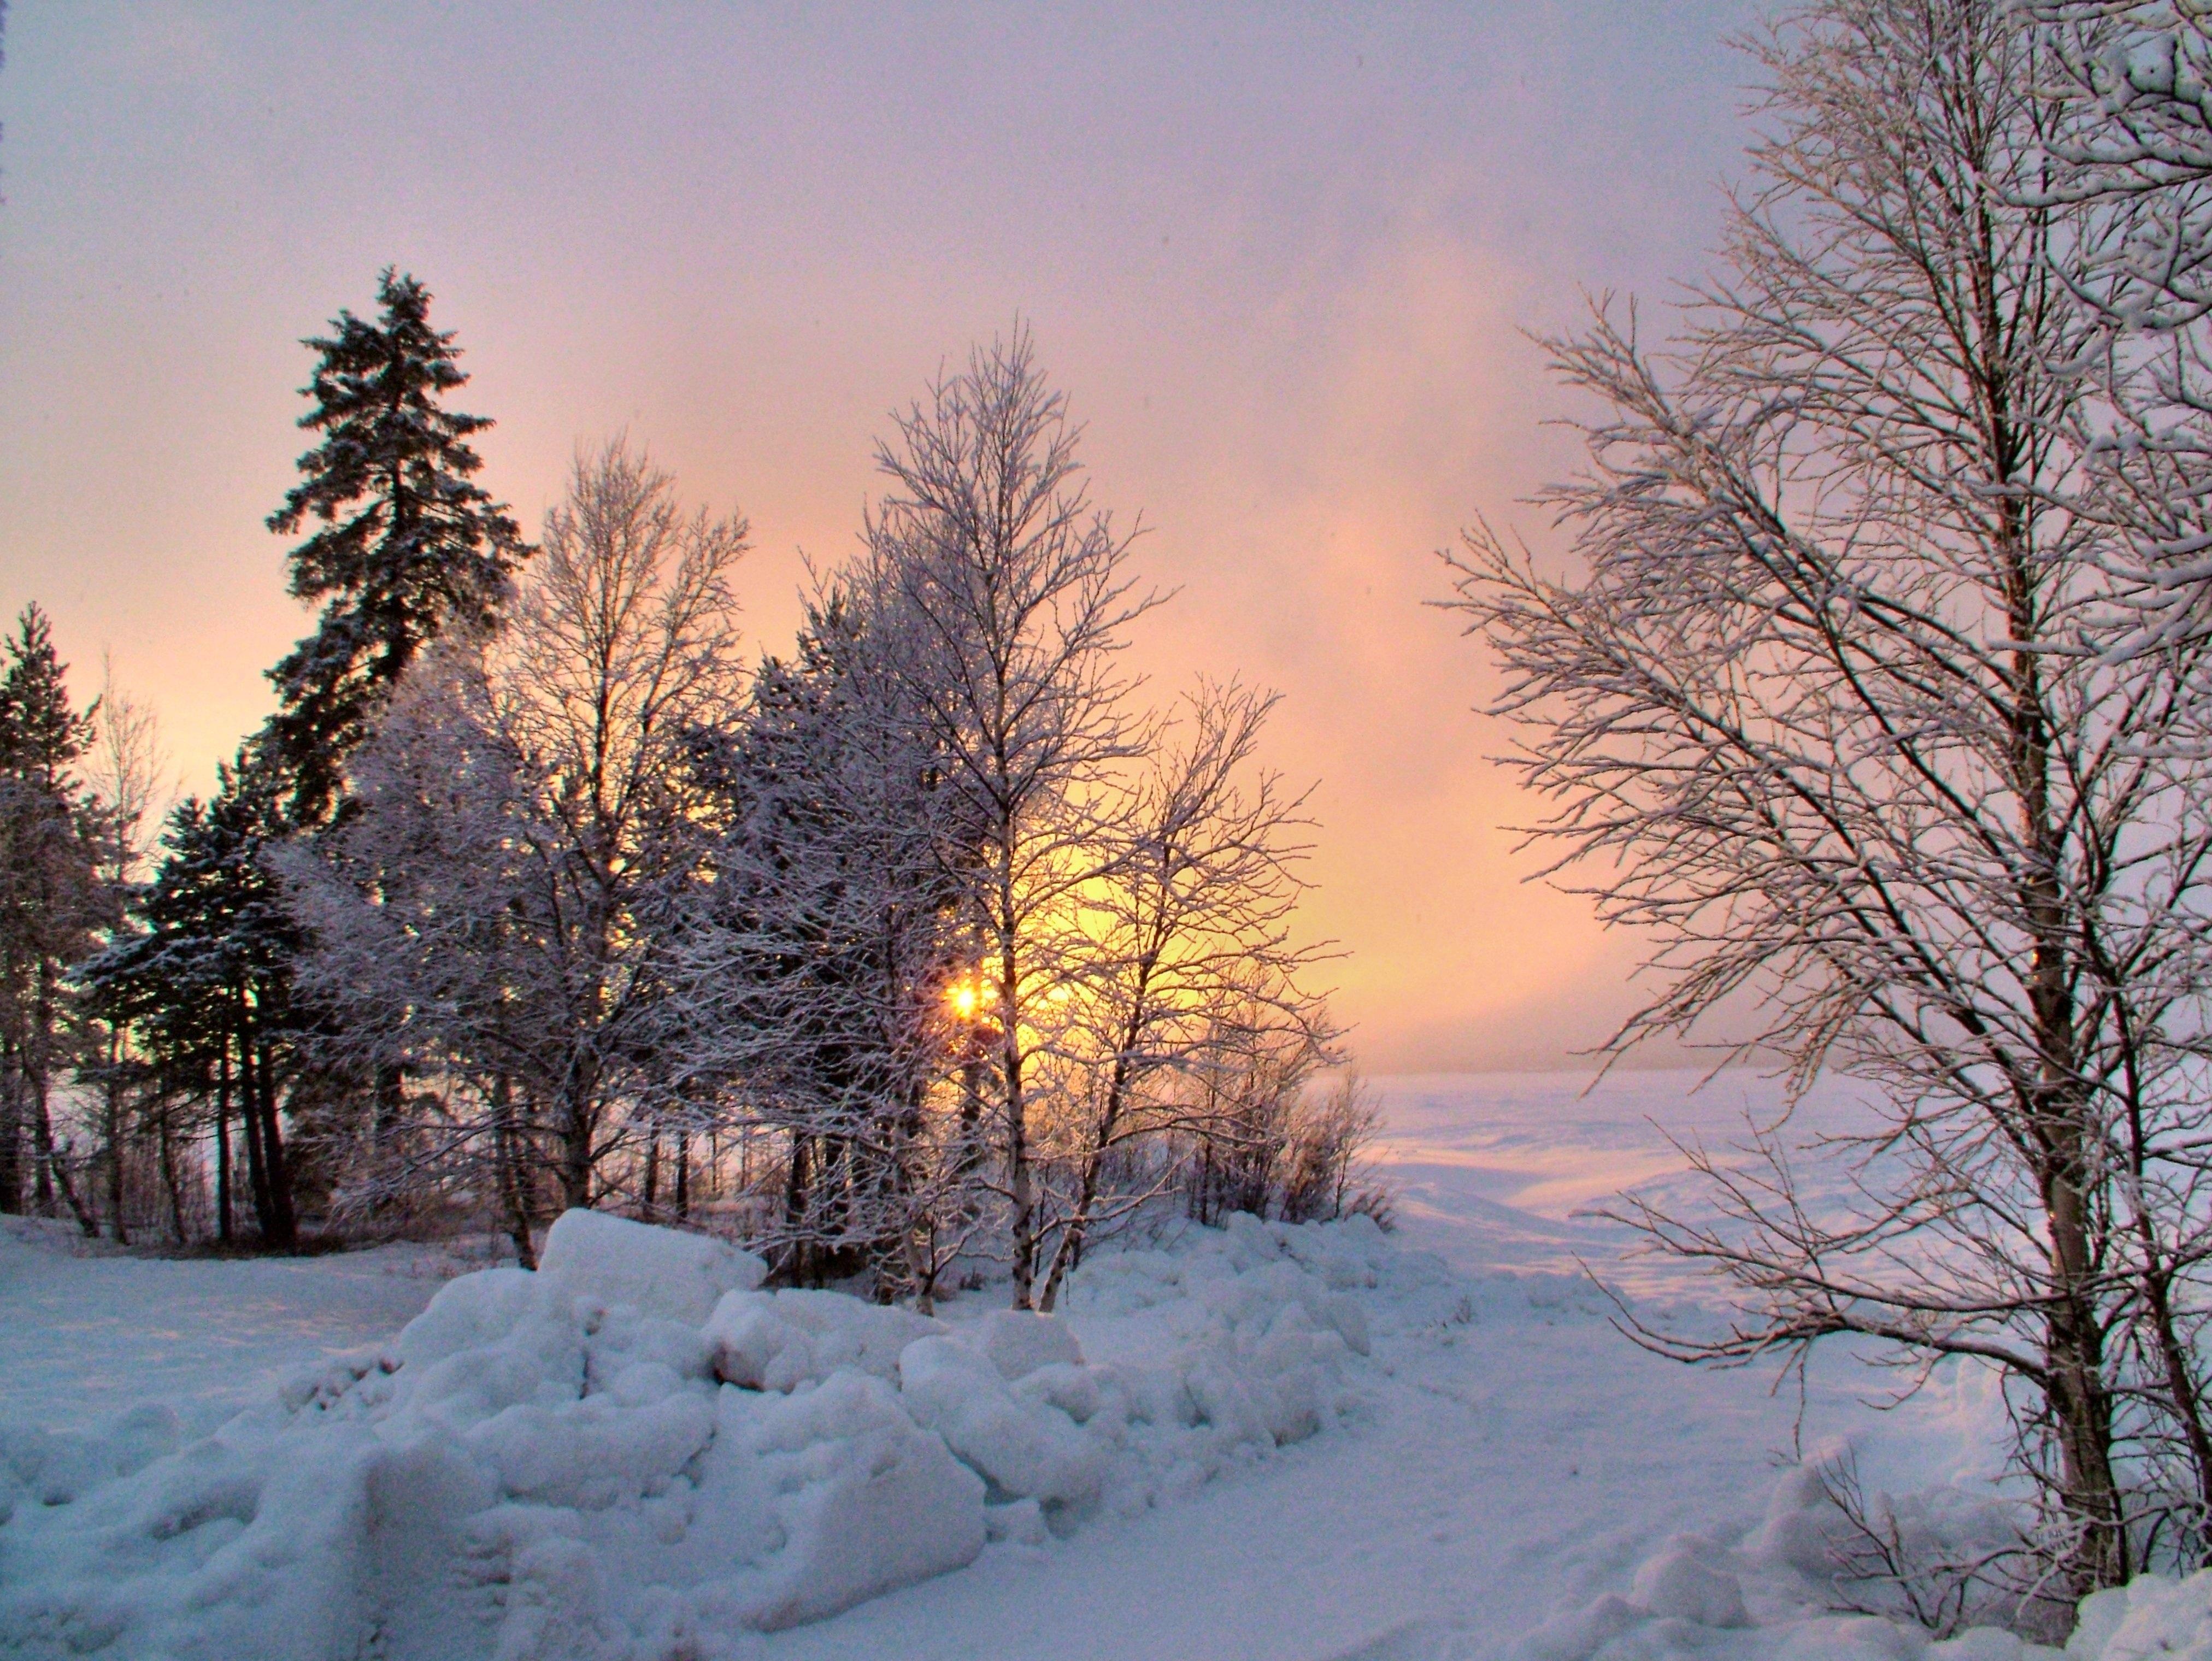 пейзаж север зима фото растет лиственных лесах